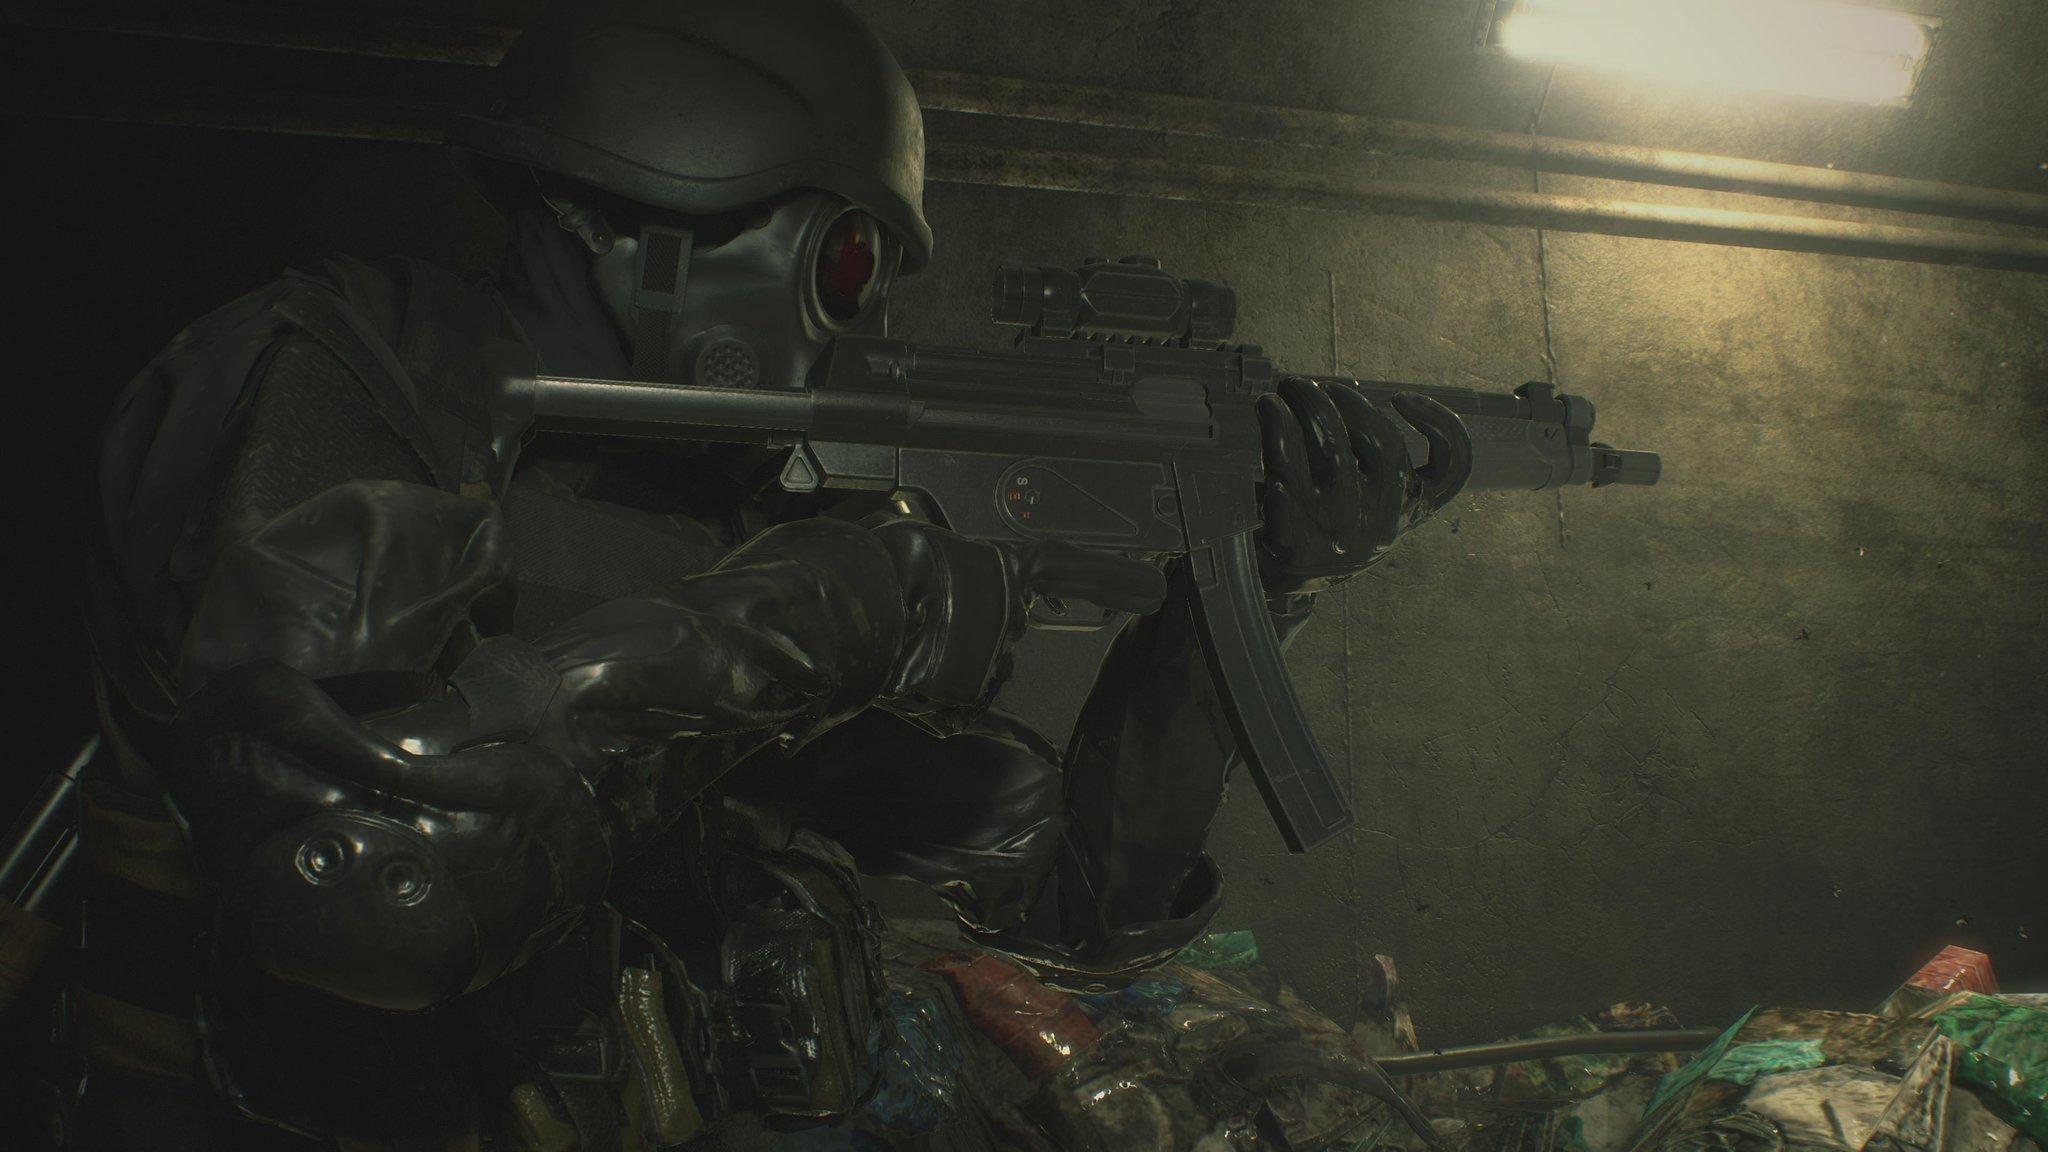 Capcom divulga imagens oficiais de HUNK e Tofu em Resident Evil 2 Remake